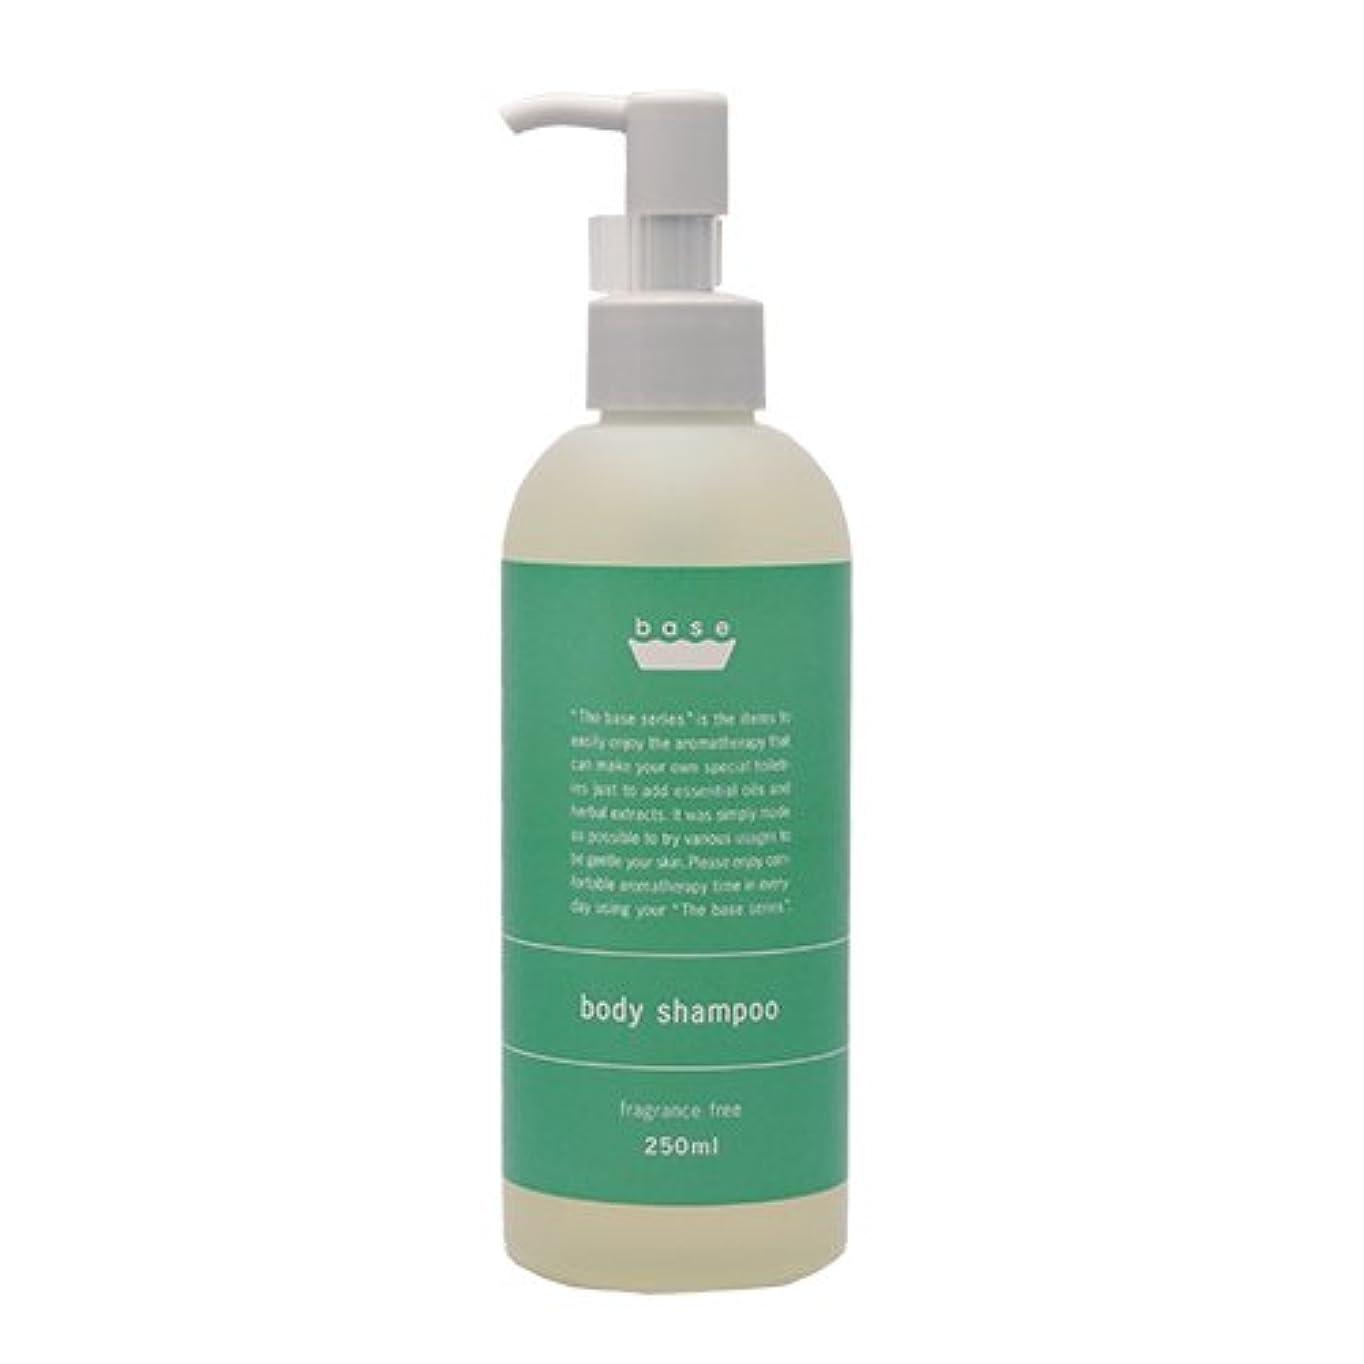 パズル床肺炎フレーバーライフ(Flavor Life) フレーバーライフ base body shampoo(ボディーシャンプー)250ml ボディソープ